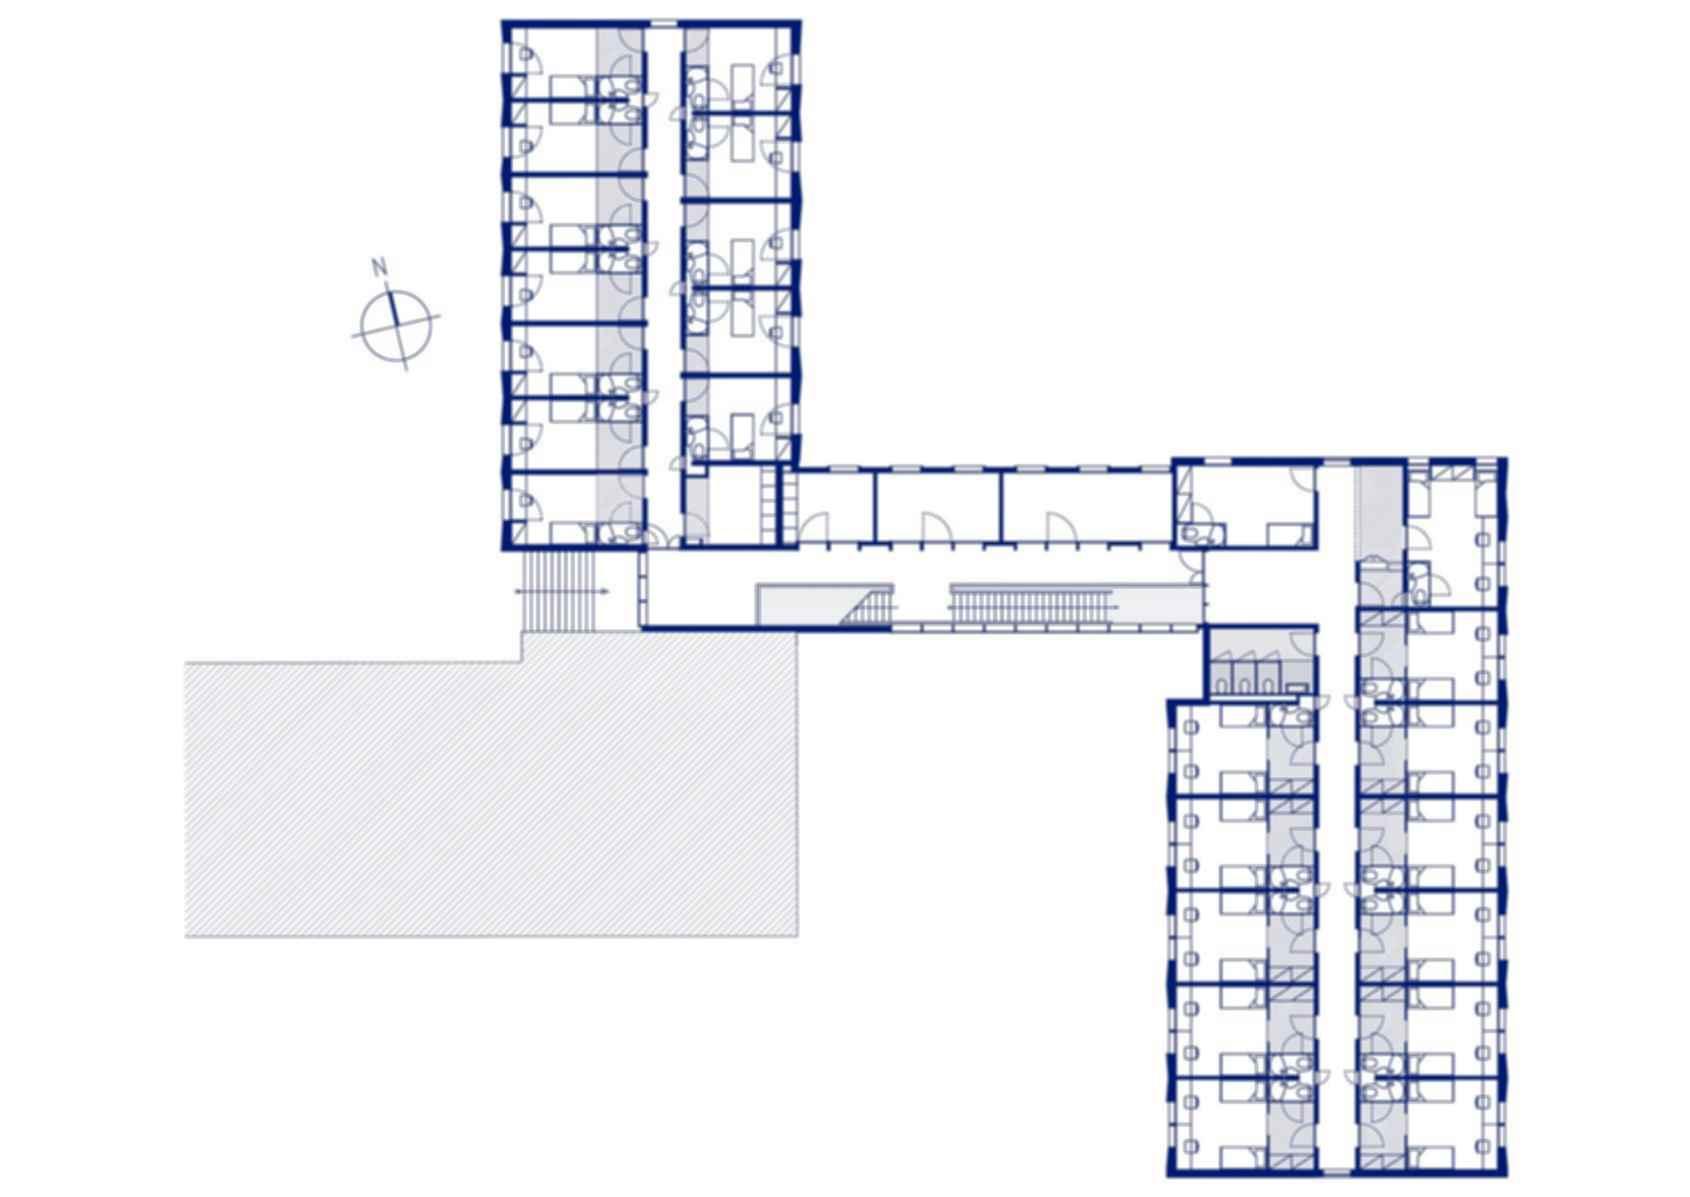 Maison D'education De La Legion D'honneur - Concept Design